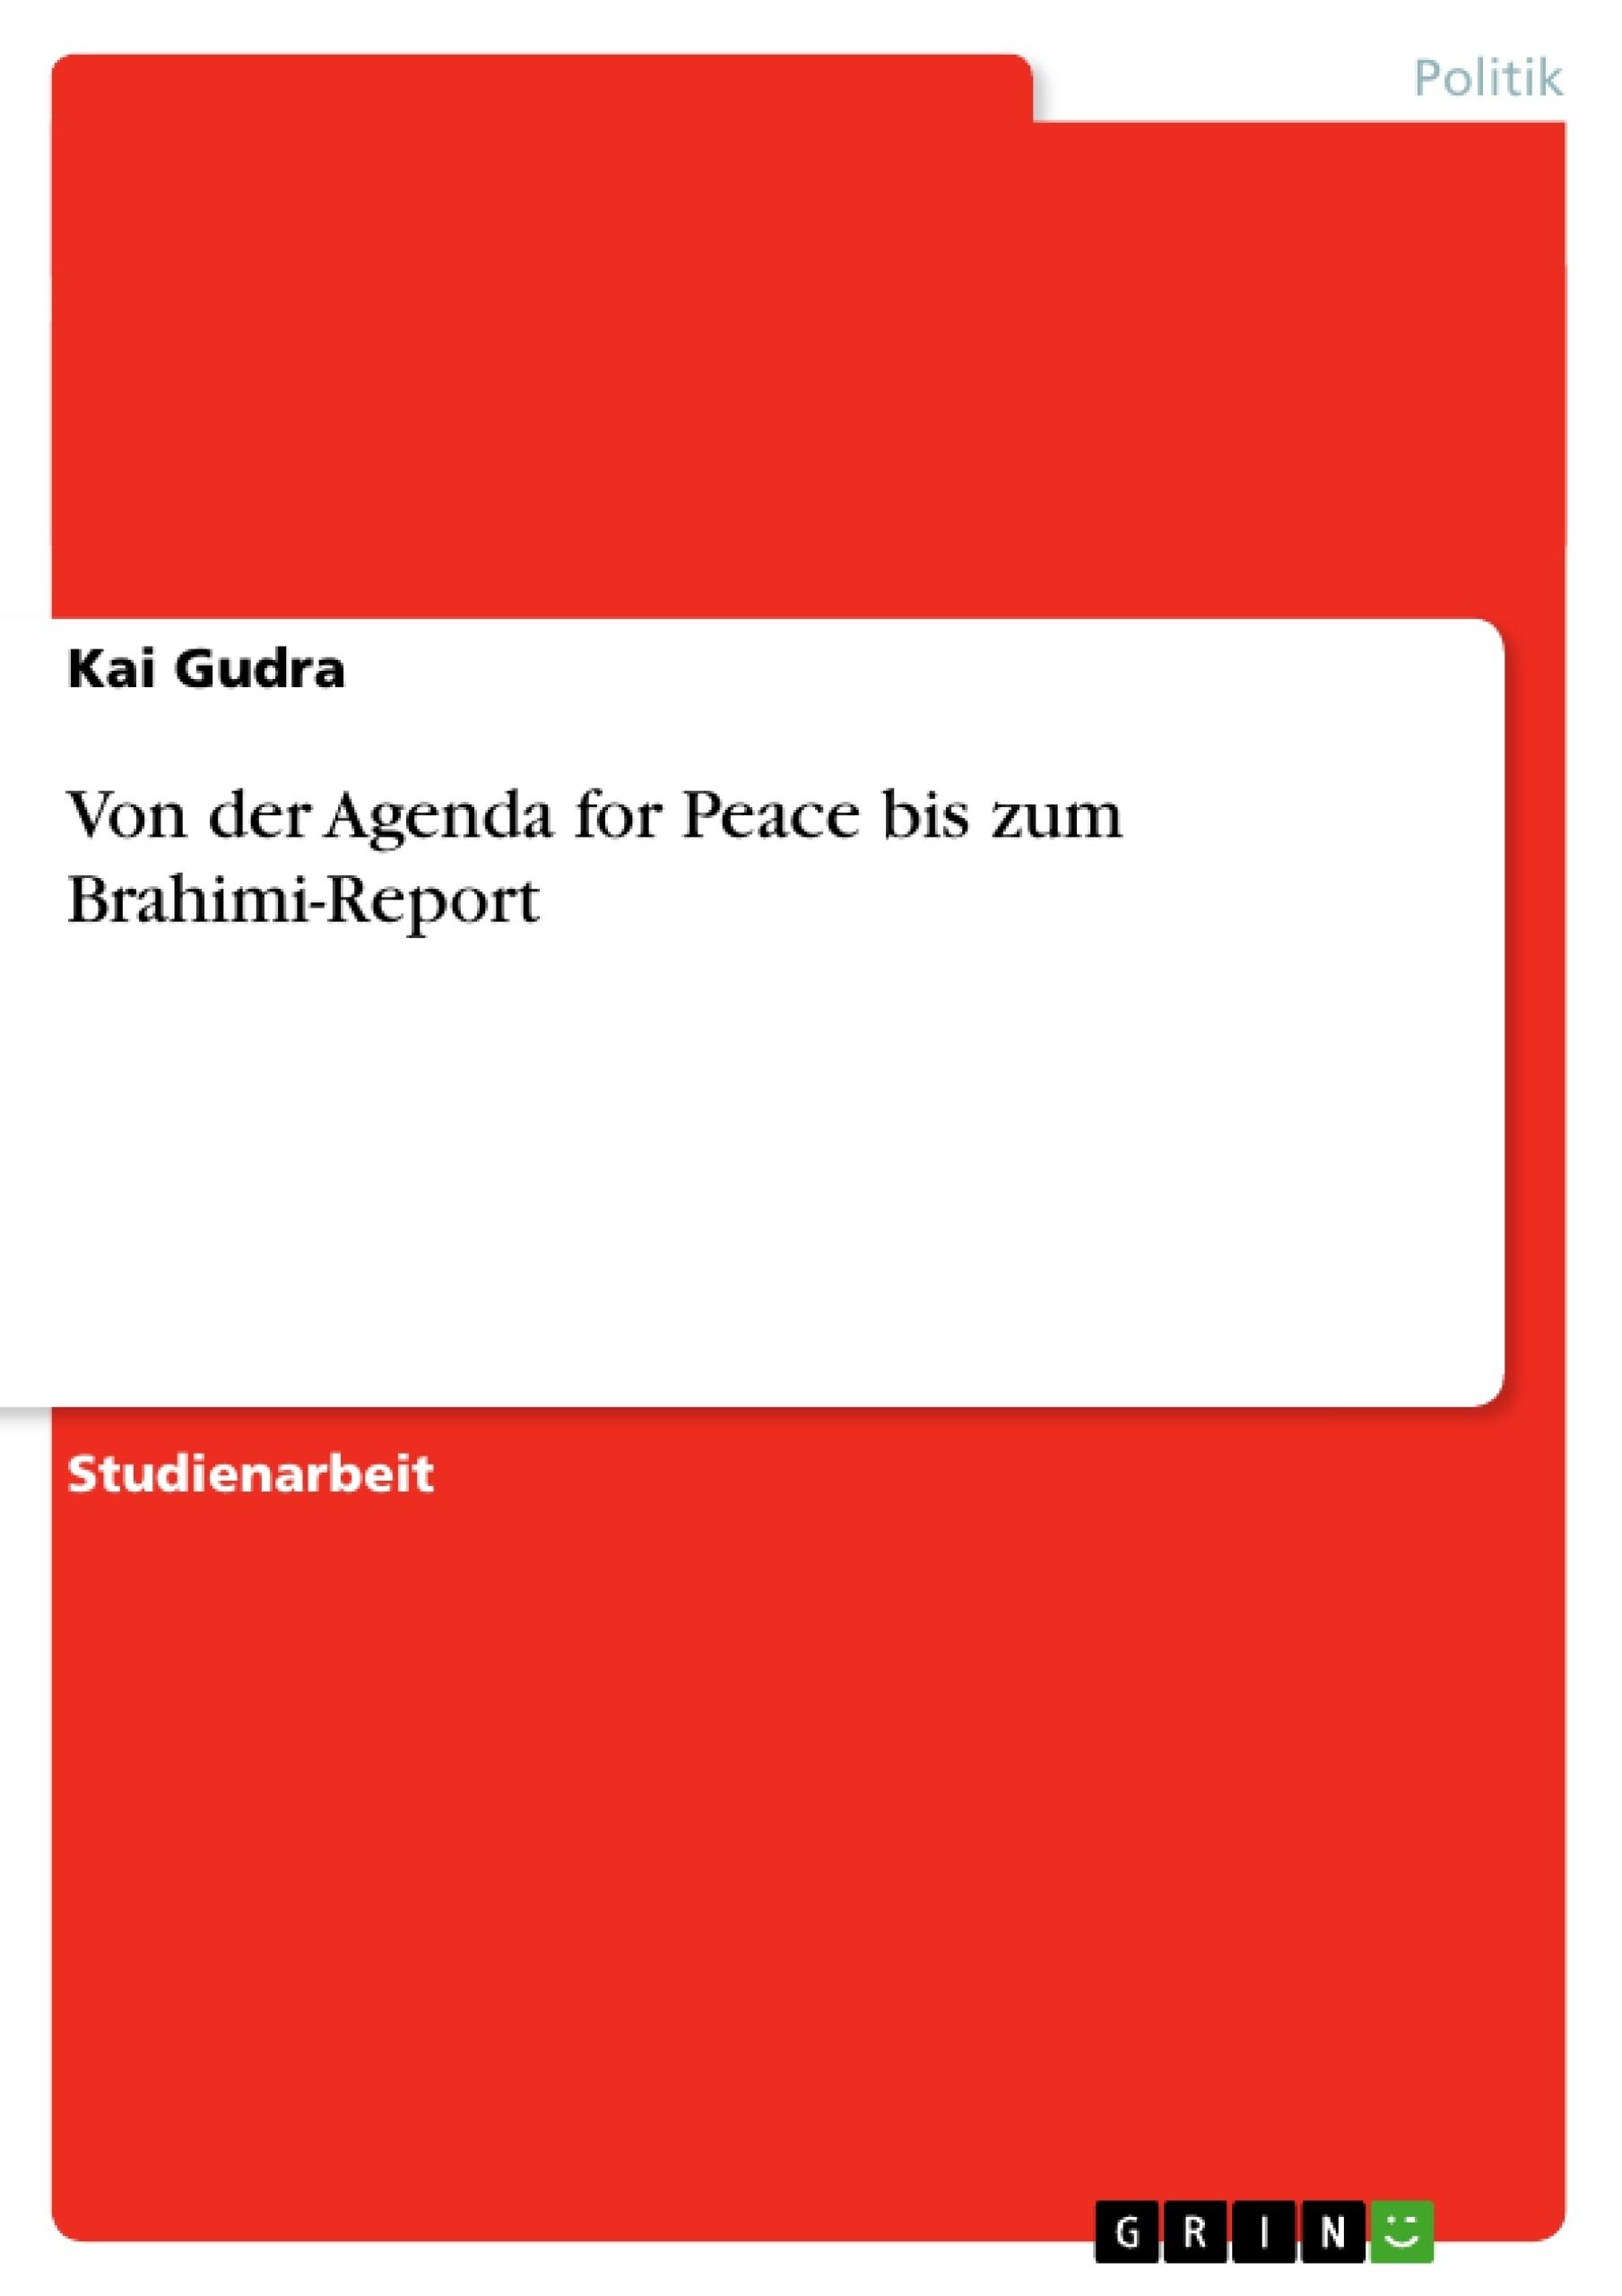 Titel: Von der Agenda for Peace bis zum Brahimi-Report